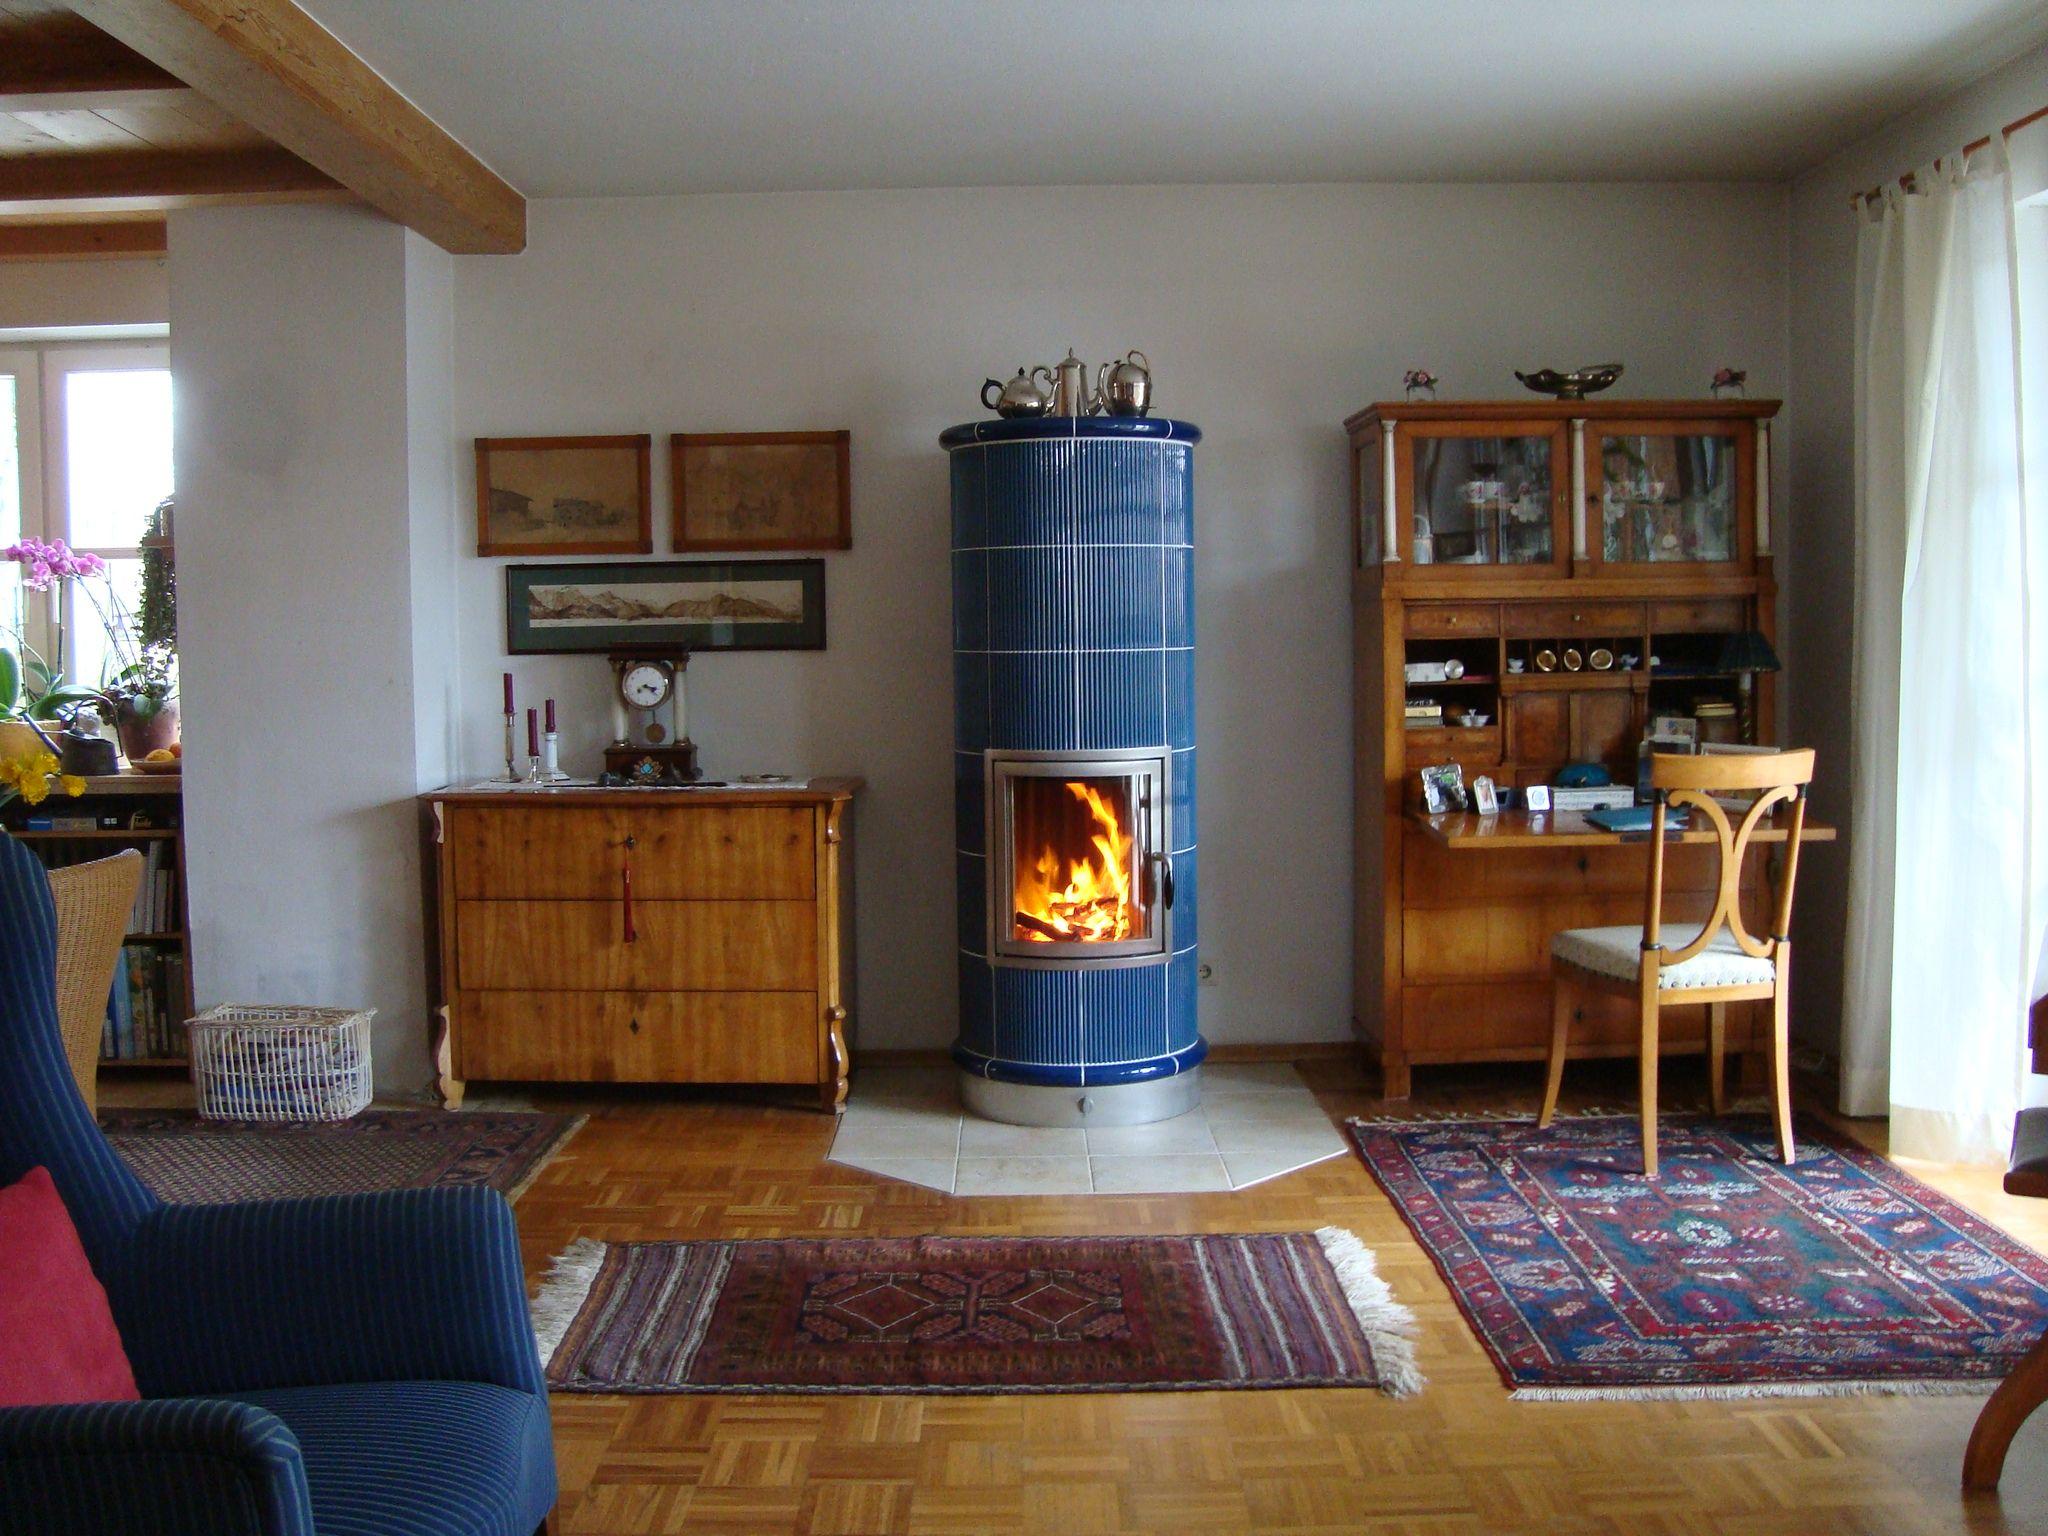 stilofen mit blauen gebrannten kacheln ofen kamin. Black Bedroom Furniture Sets. Home Design Ideas